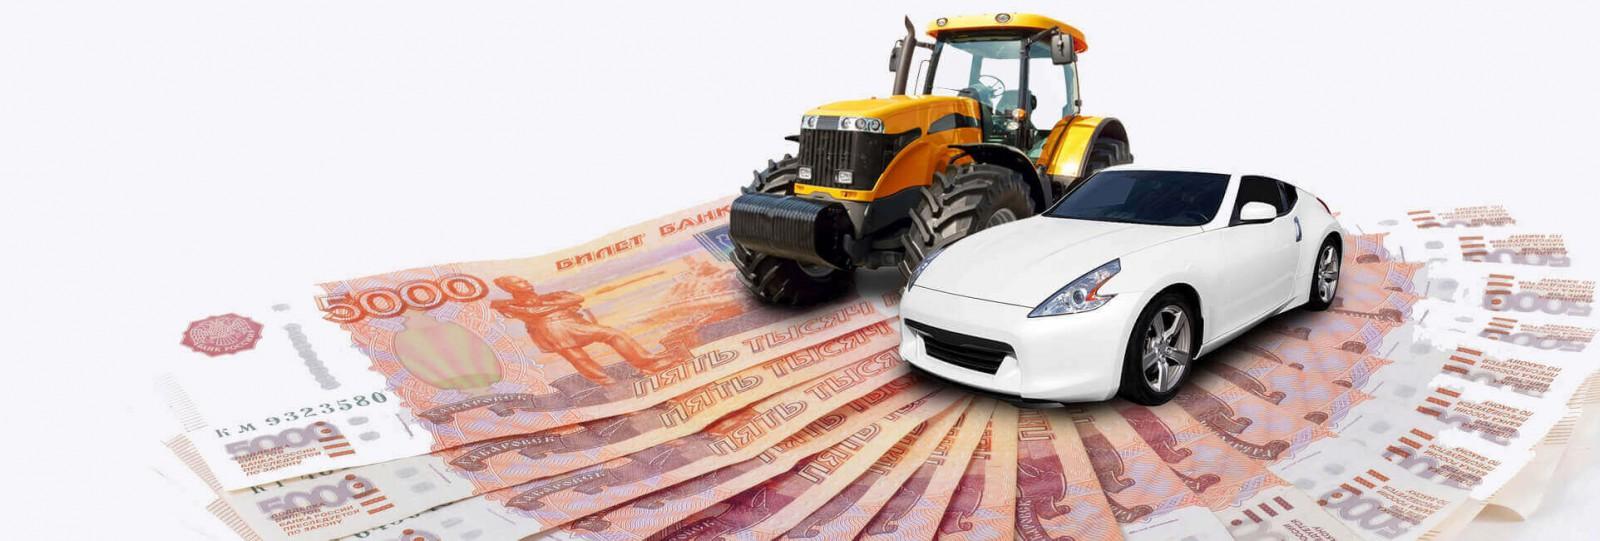 Пермь деньги под залог купить авто в залог старого